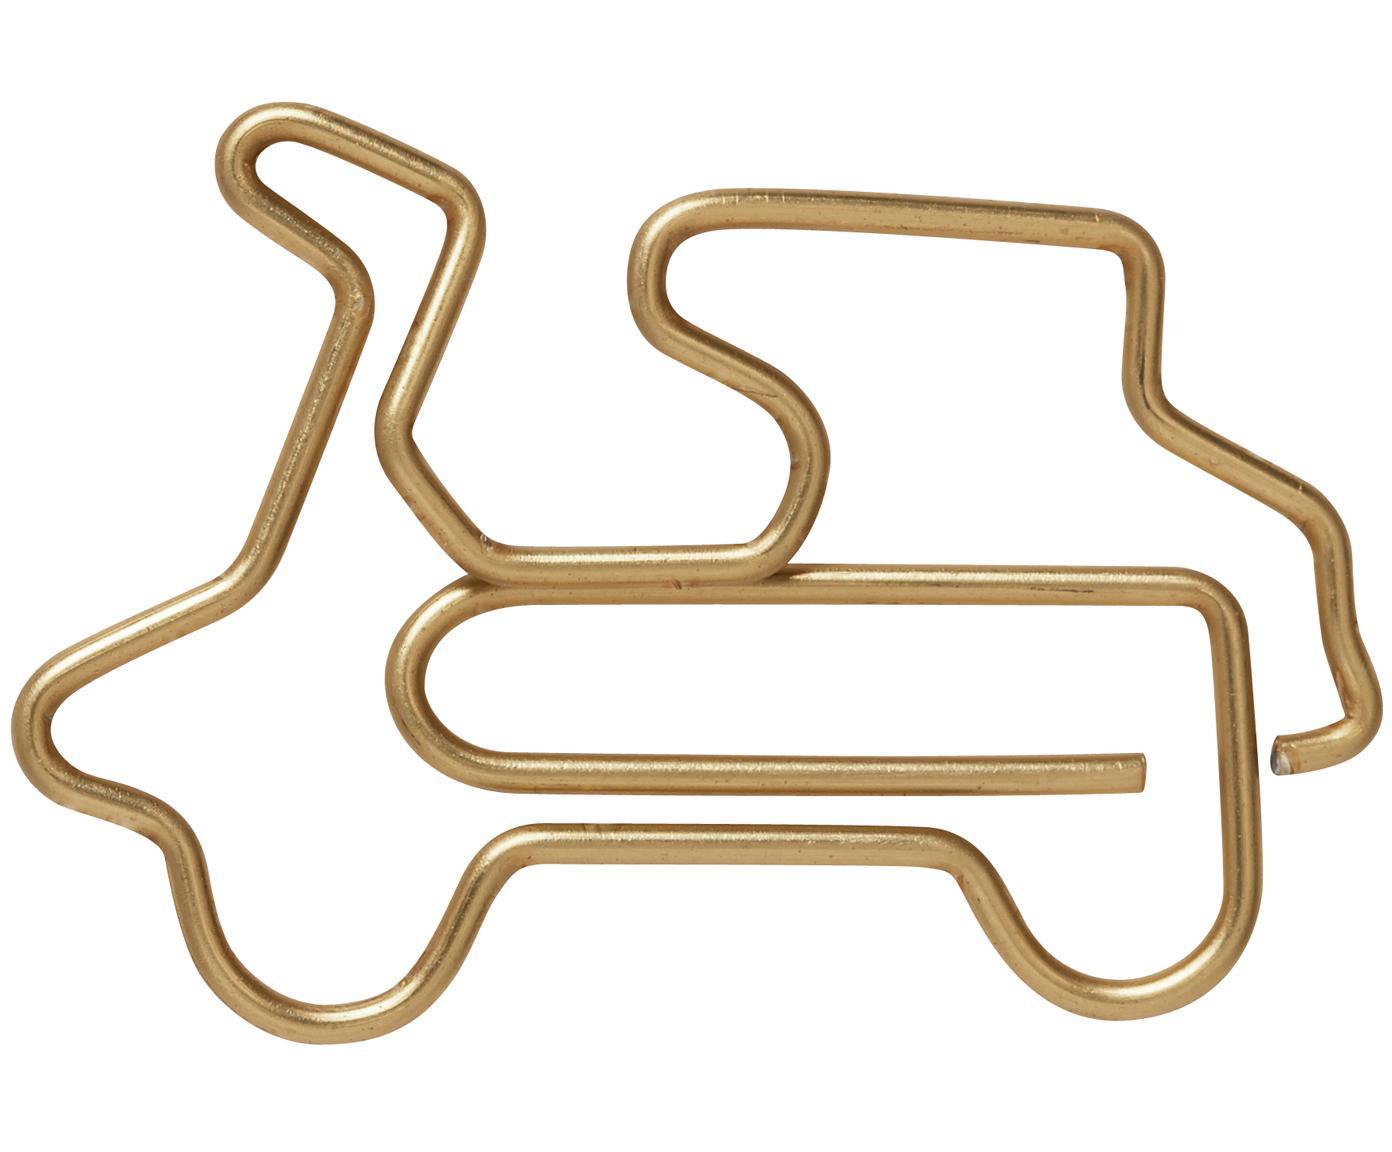 Pepel clips Vespa, 15uds., Metal, recubierto, Latón, An 3 x Al 2 cm